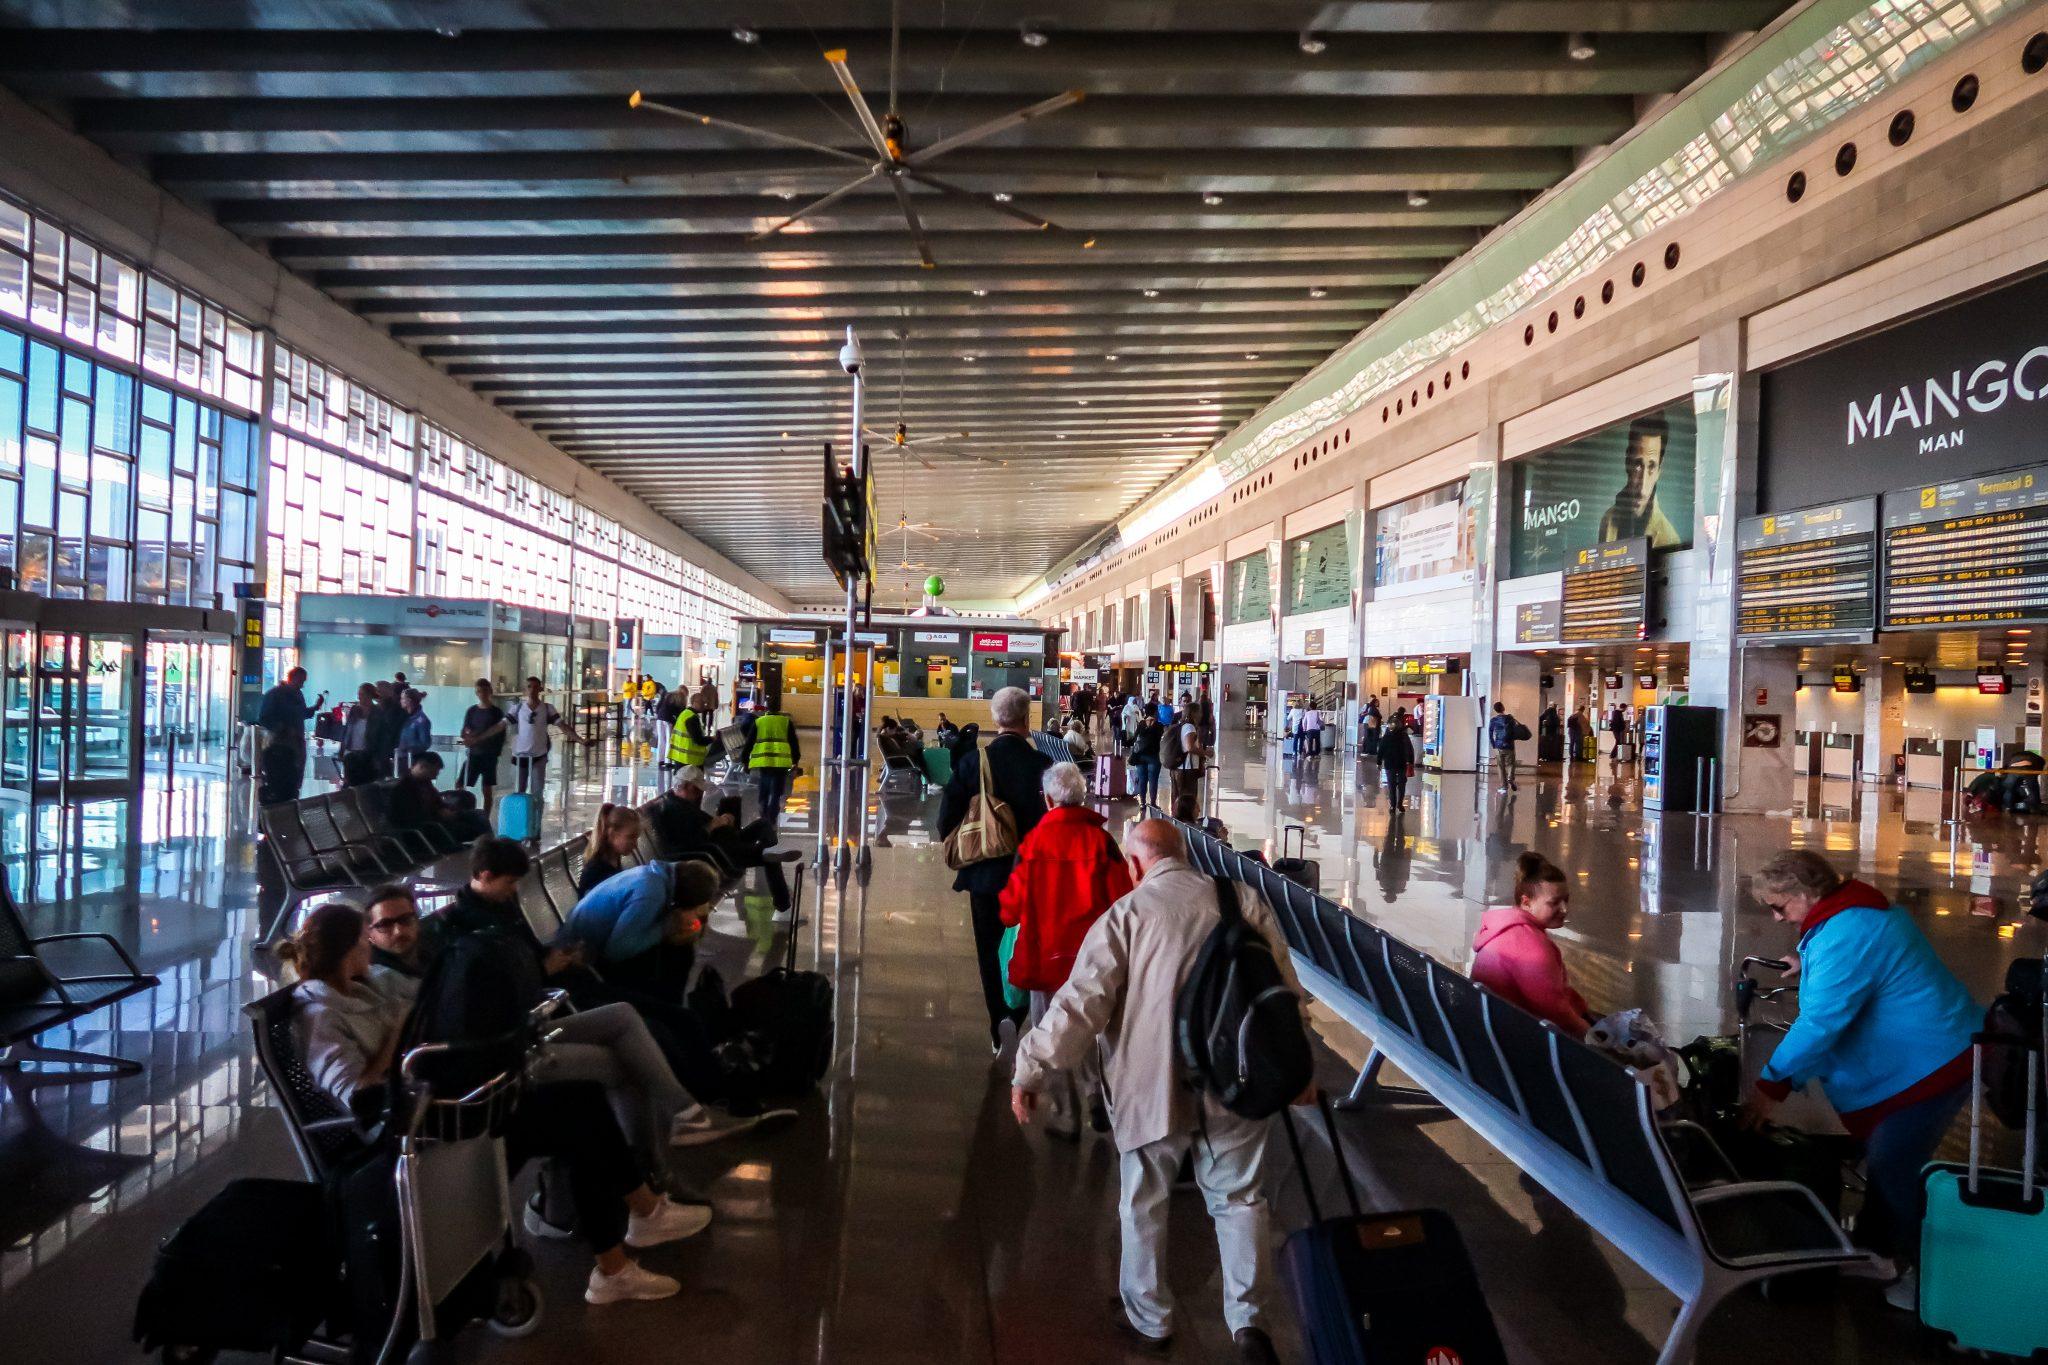 So sieht das Terminal 2 des Flughafen el Prat Barcelona von innen aus.